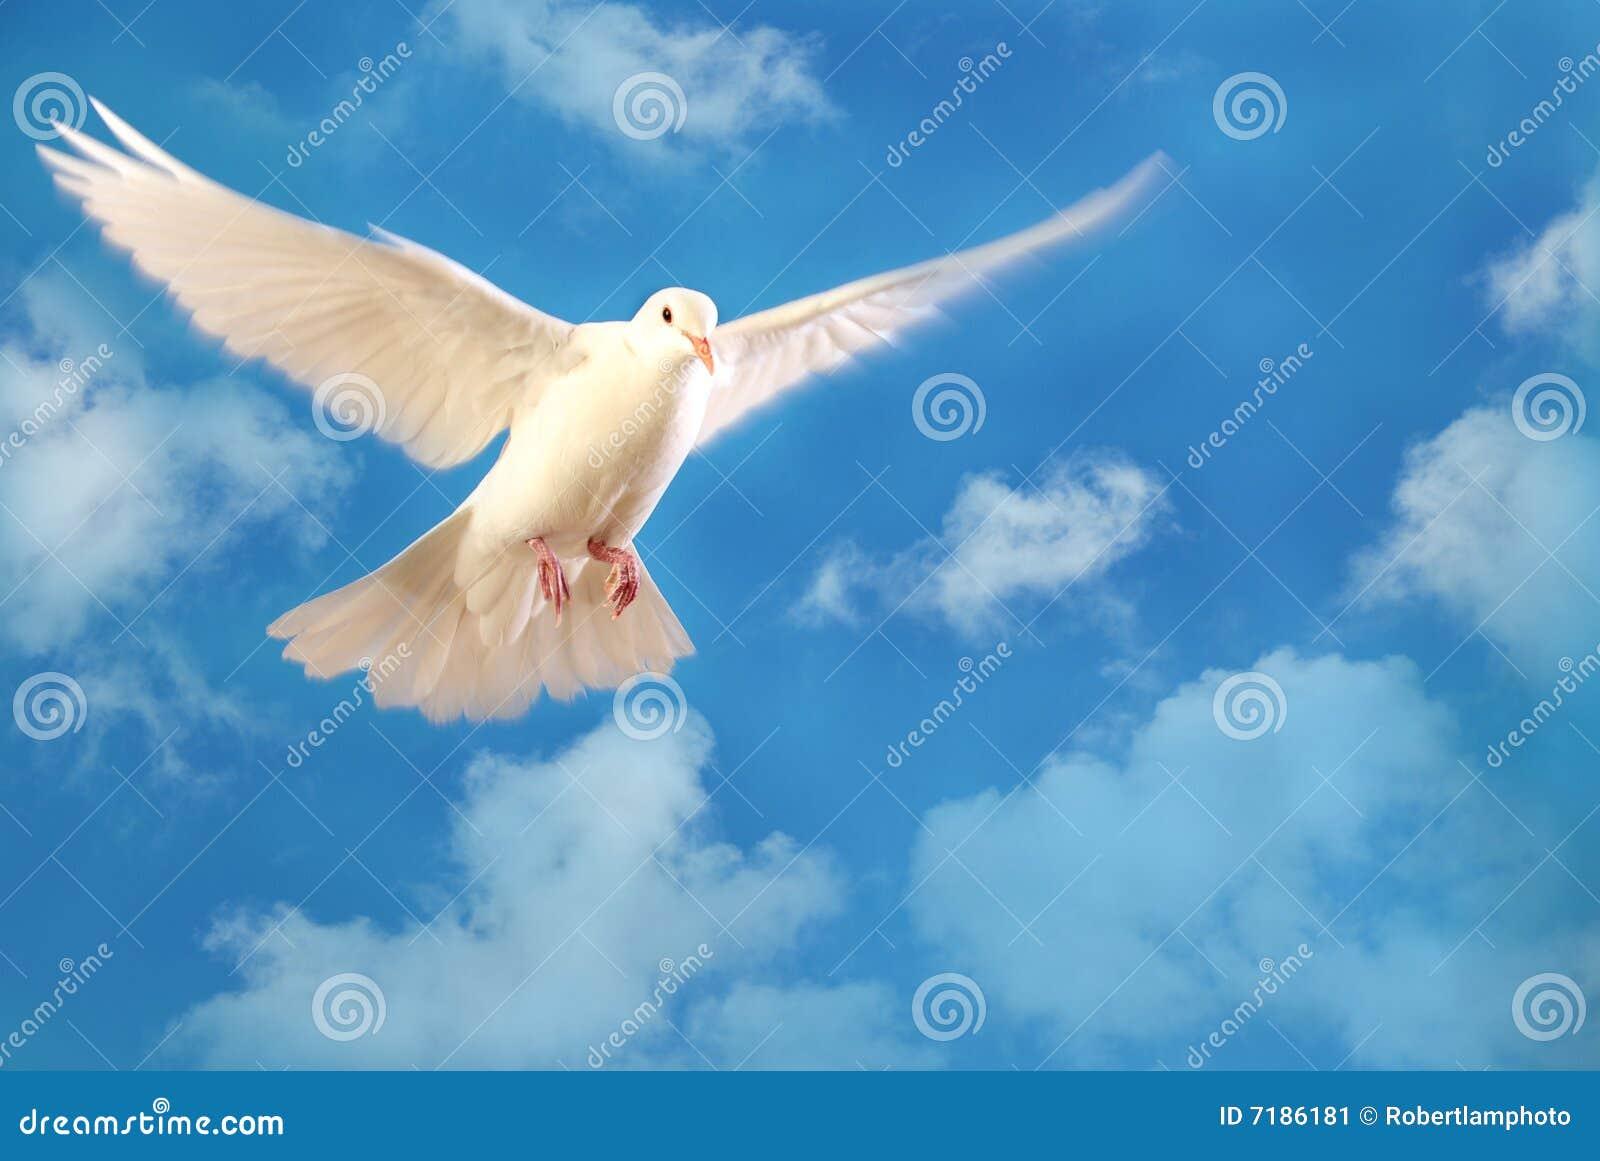 Vliegende witte duif die op blauw wordt geïsoleerd